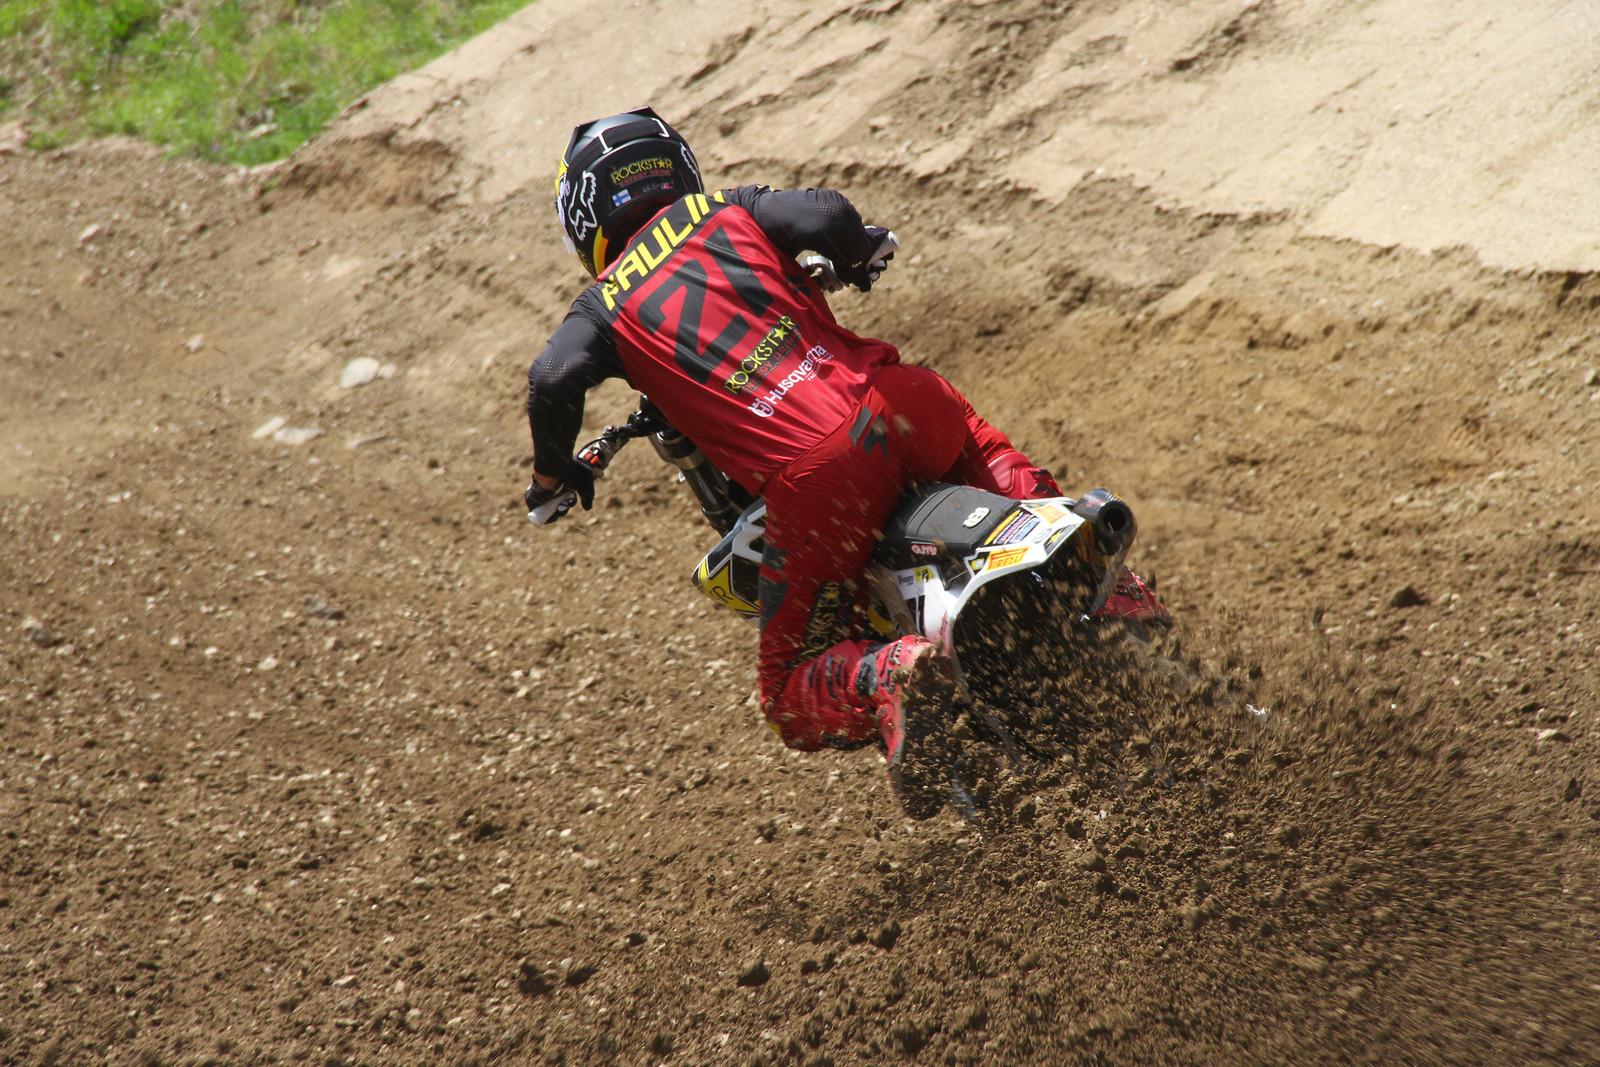 Gautier Paulin - ayearinmx - Motocross Pictures - Vital MX